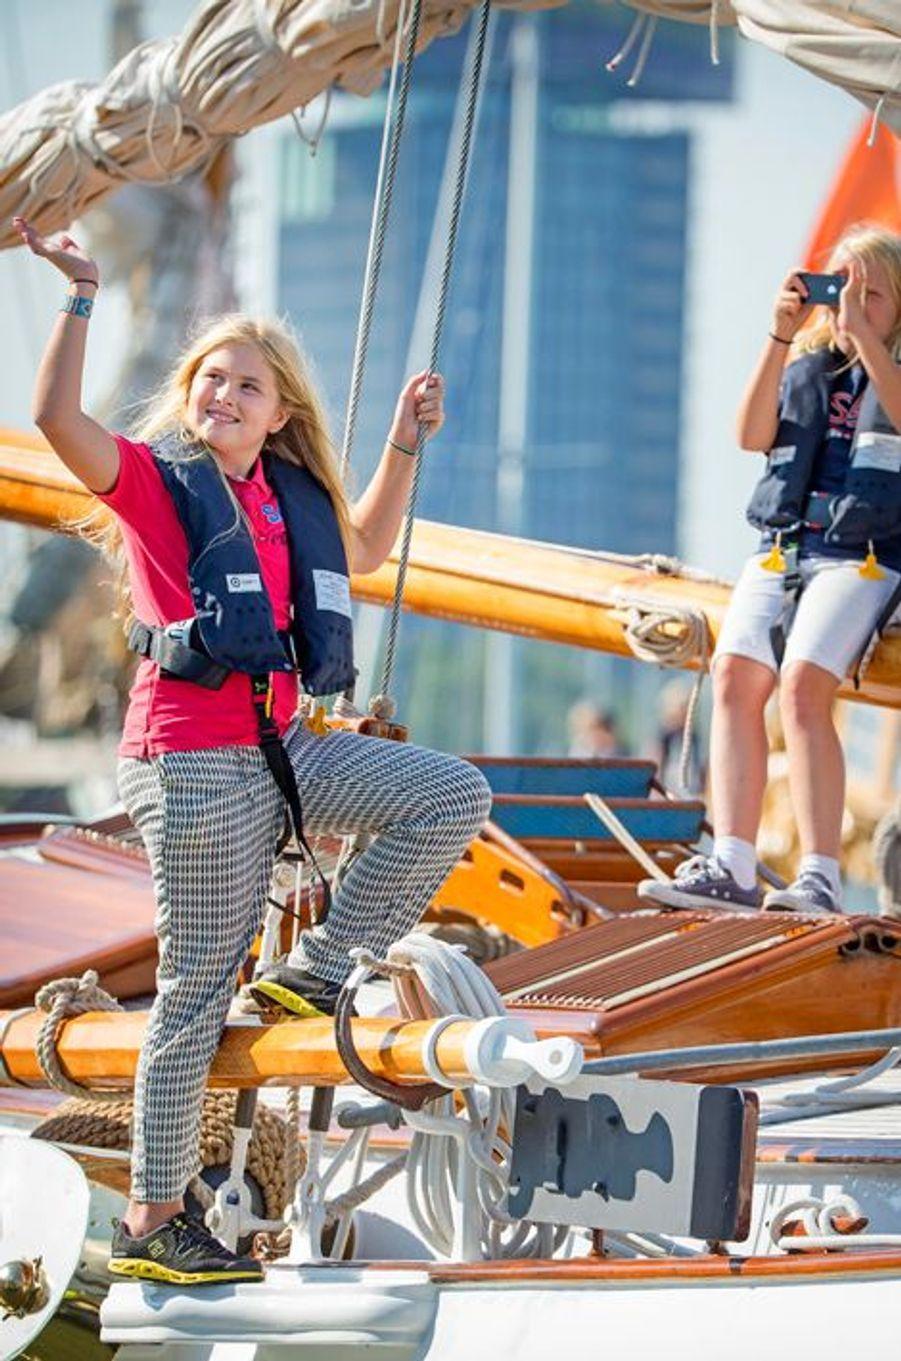 La princesse Catharina-Amalia et sa cousine Luana au Sail Amsterdam, le 22 août 2015